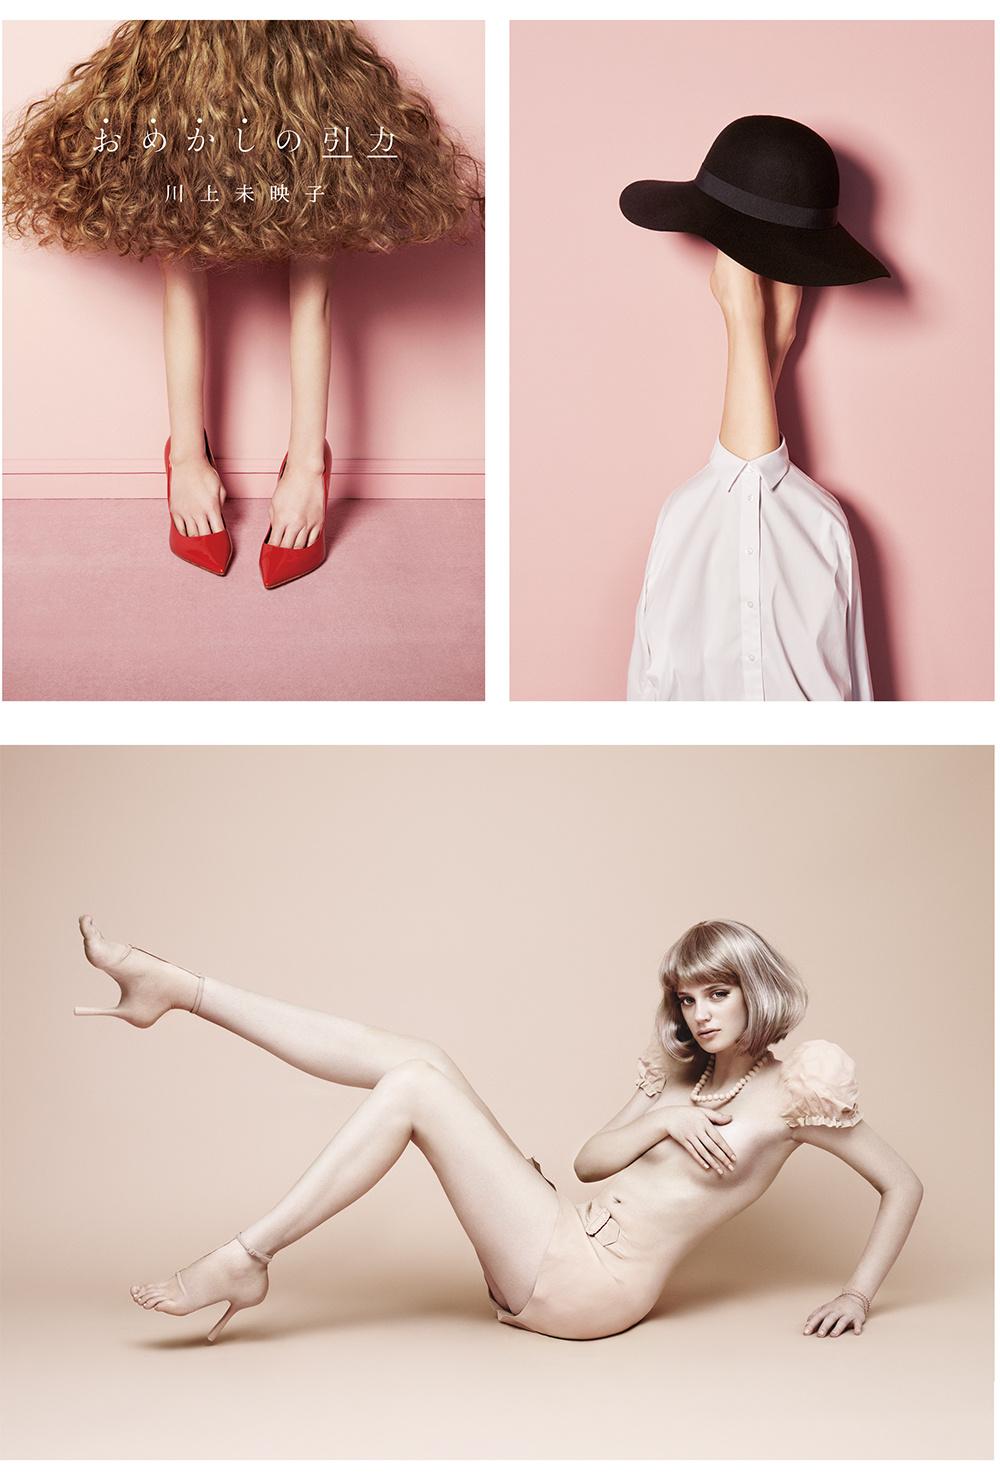 日本摄影师Yuni Yoshida:丰富多彩的超现实主义时尚摄影